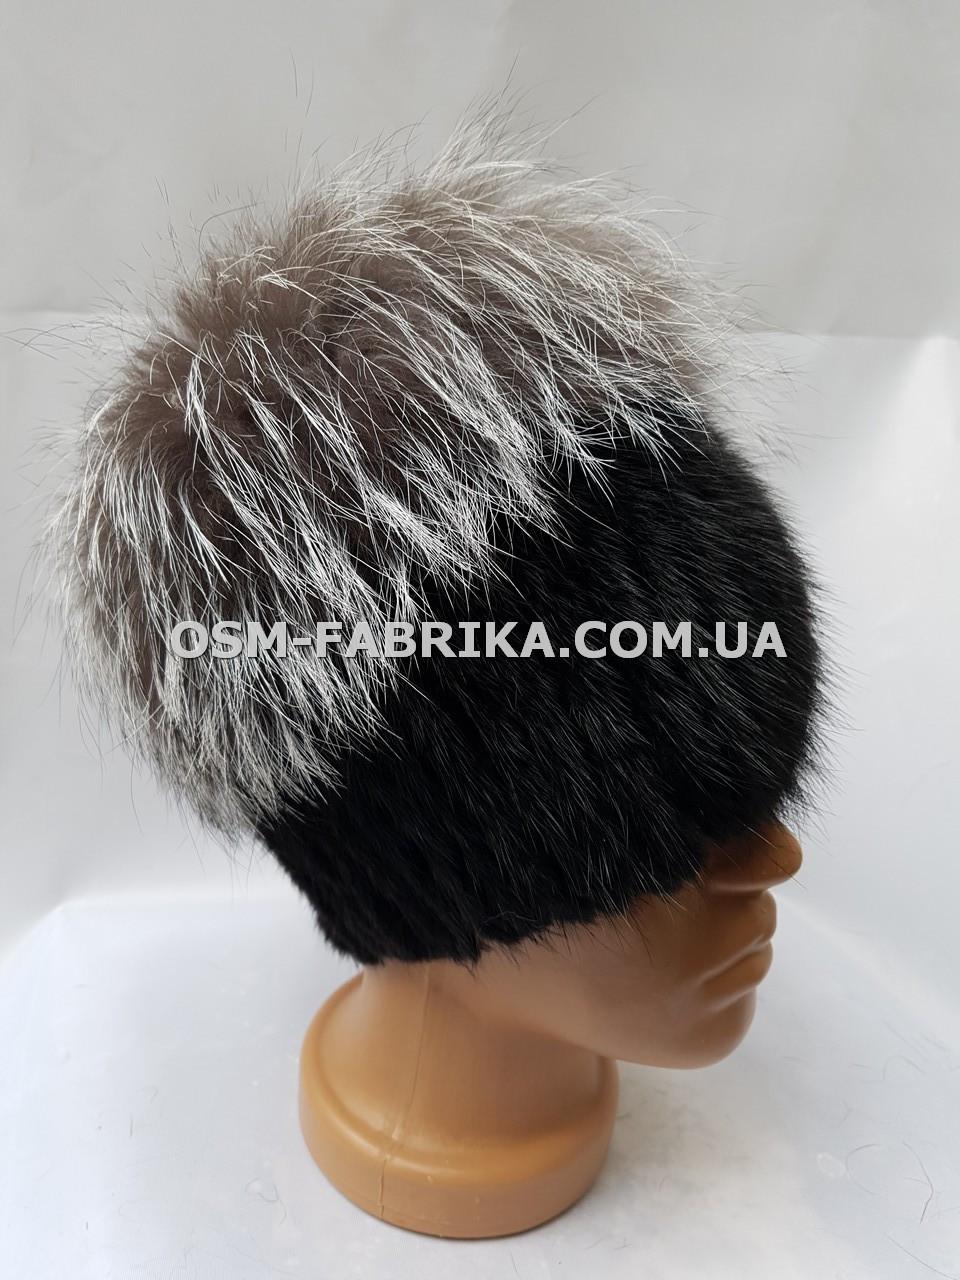 Мягкая меховая шапка для женщин чернобурка хит продаж, фото 1